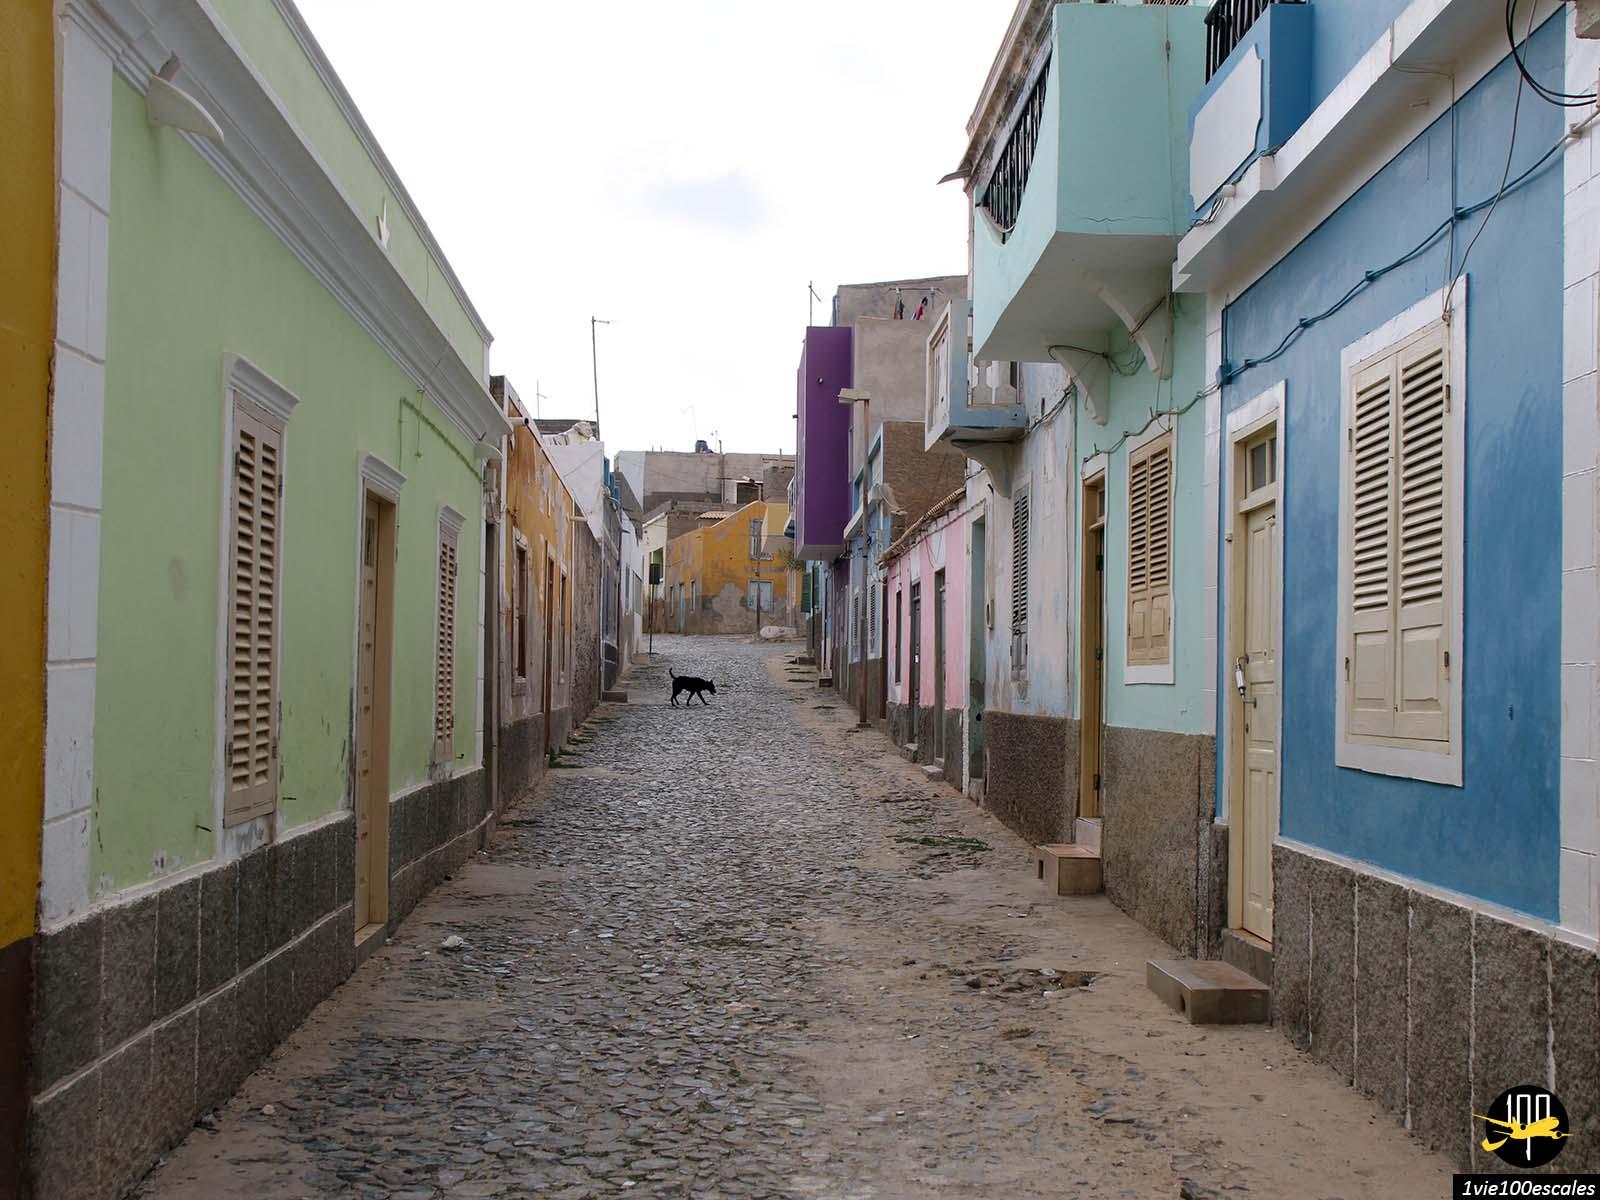 Le petit village coloré de Sal Rei sur l'île de Boa Vista au Cap-Vert